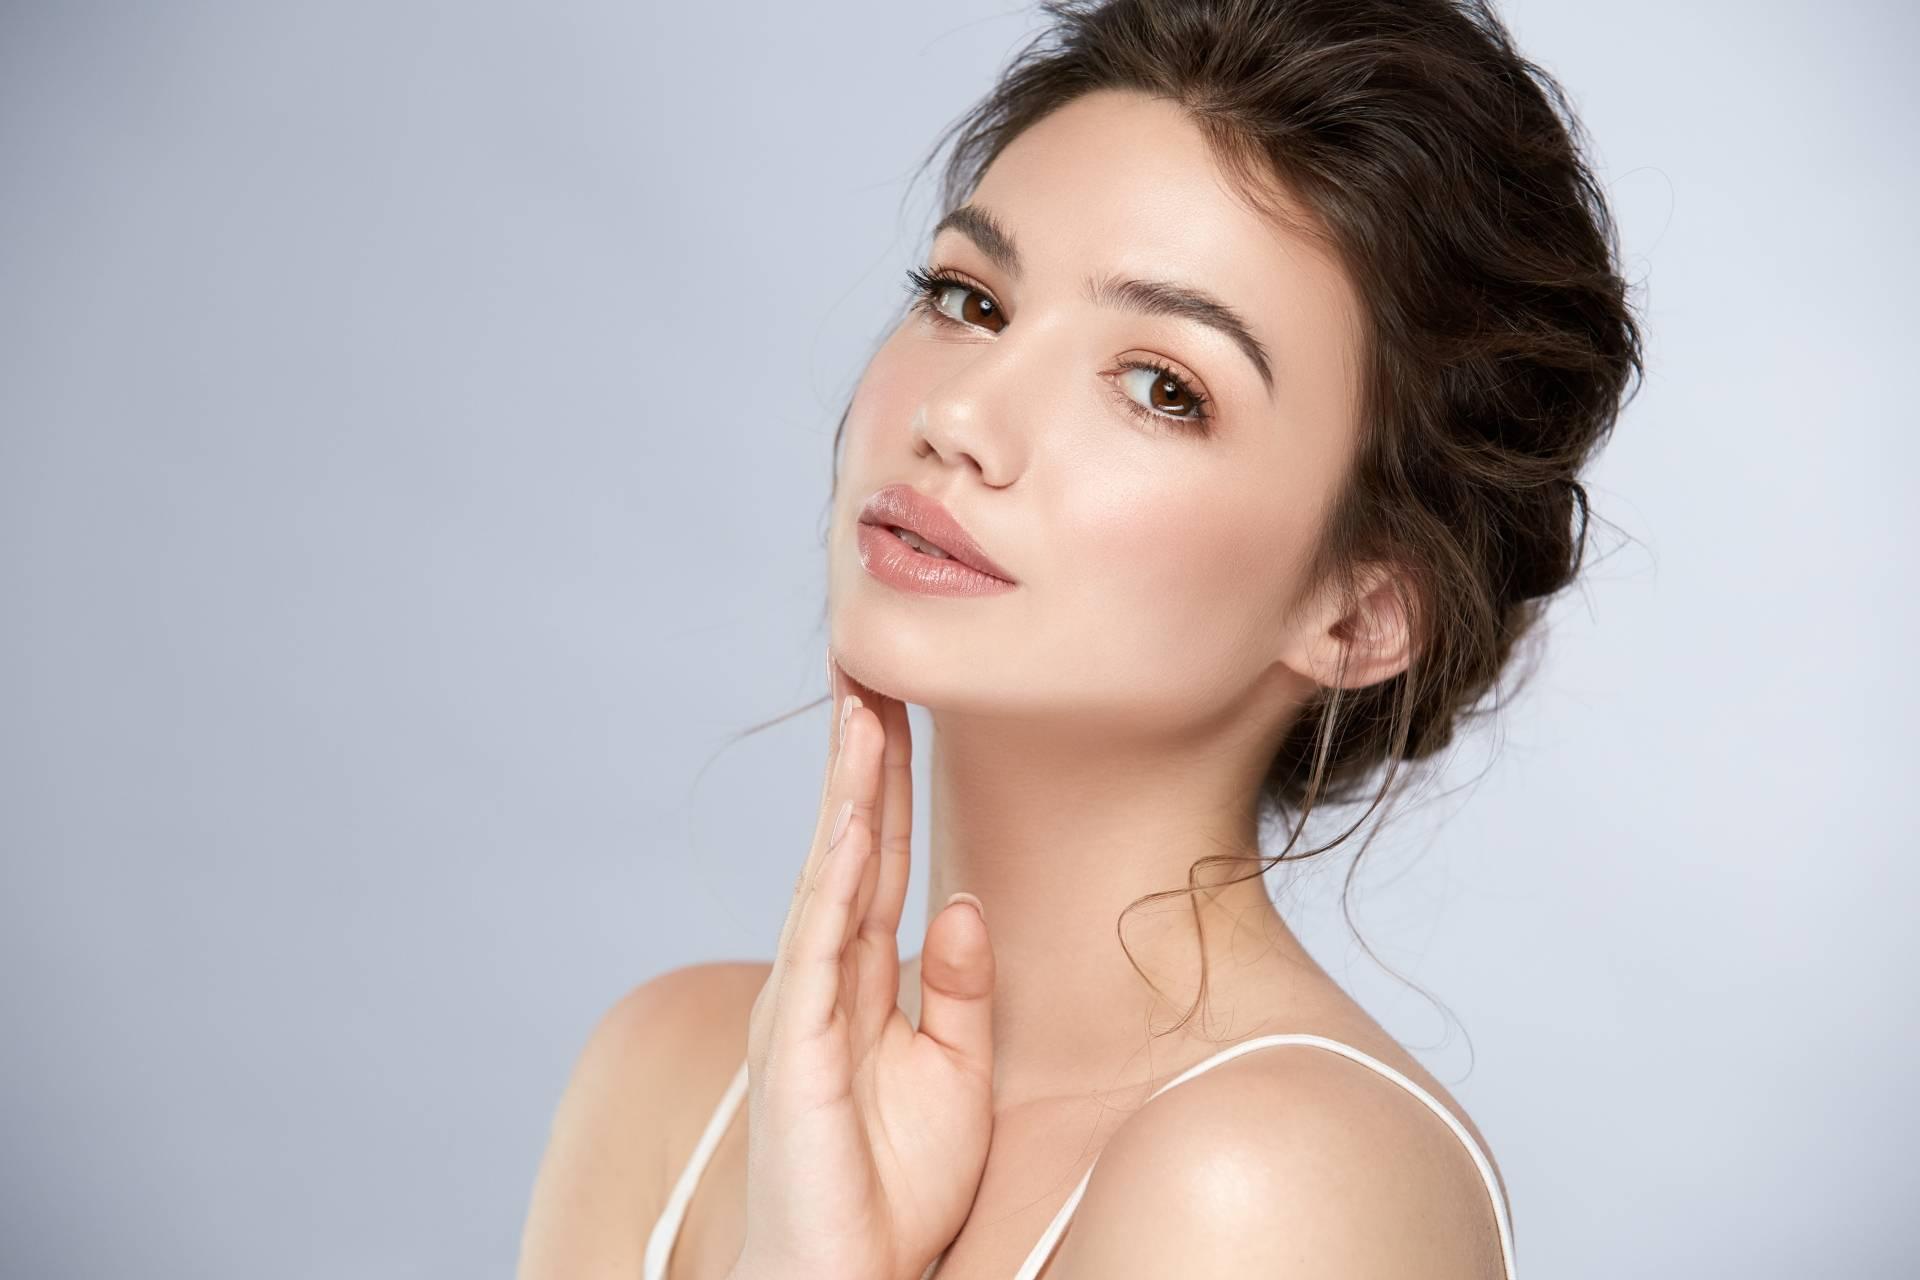 Facemodeling - na czym polega manualna terapia twarzy? Zbliżenie na twarz młodej kobiety, której cera jest świeża i pełna blasku.